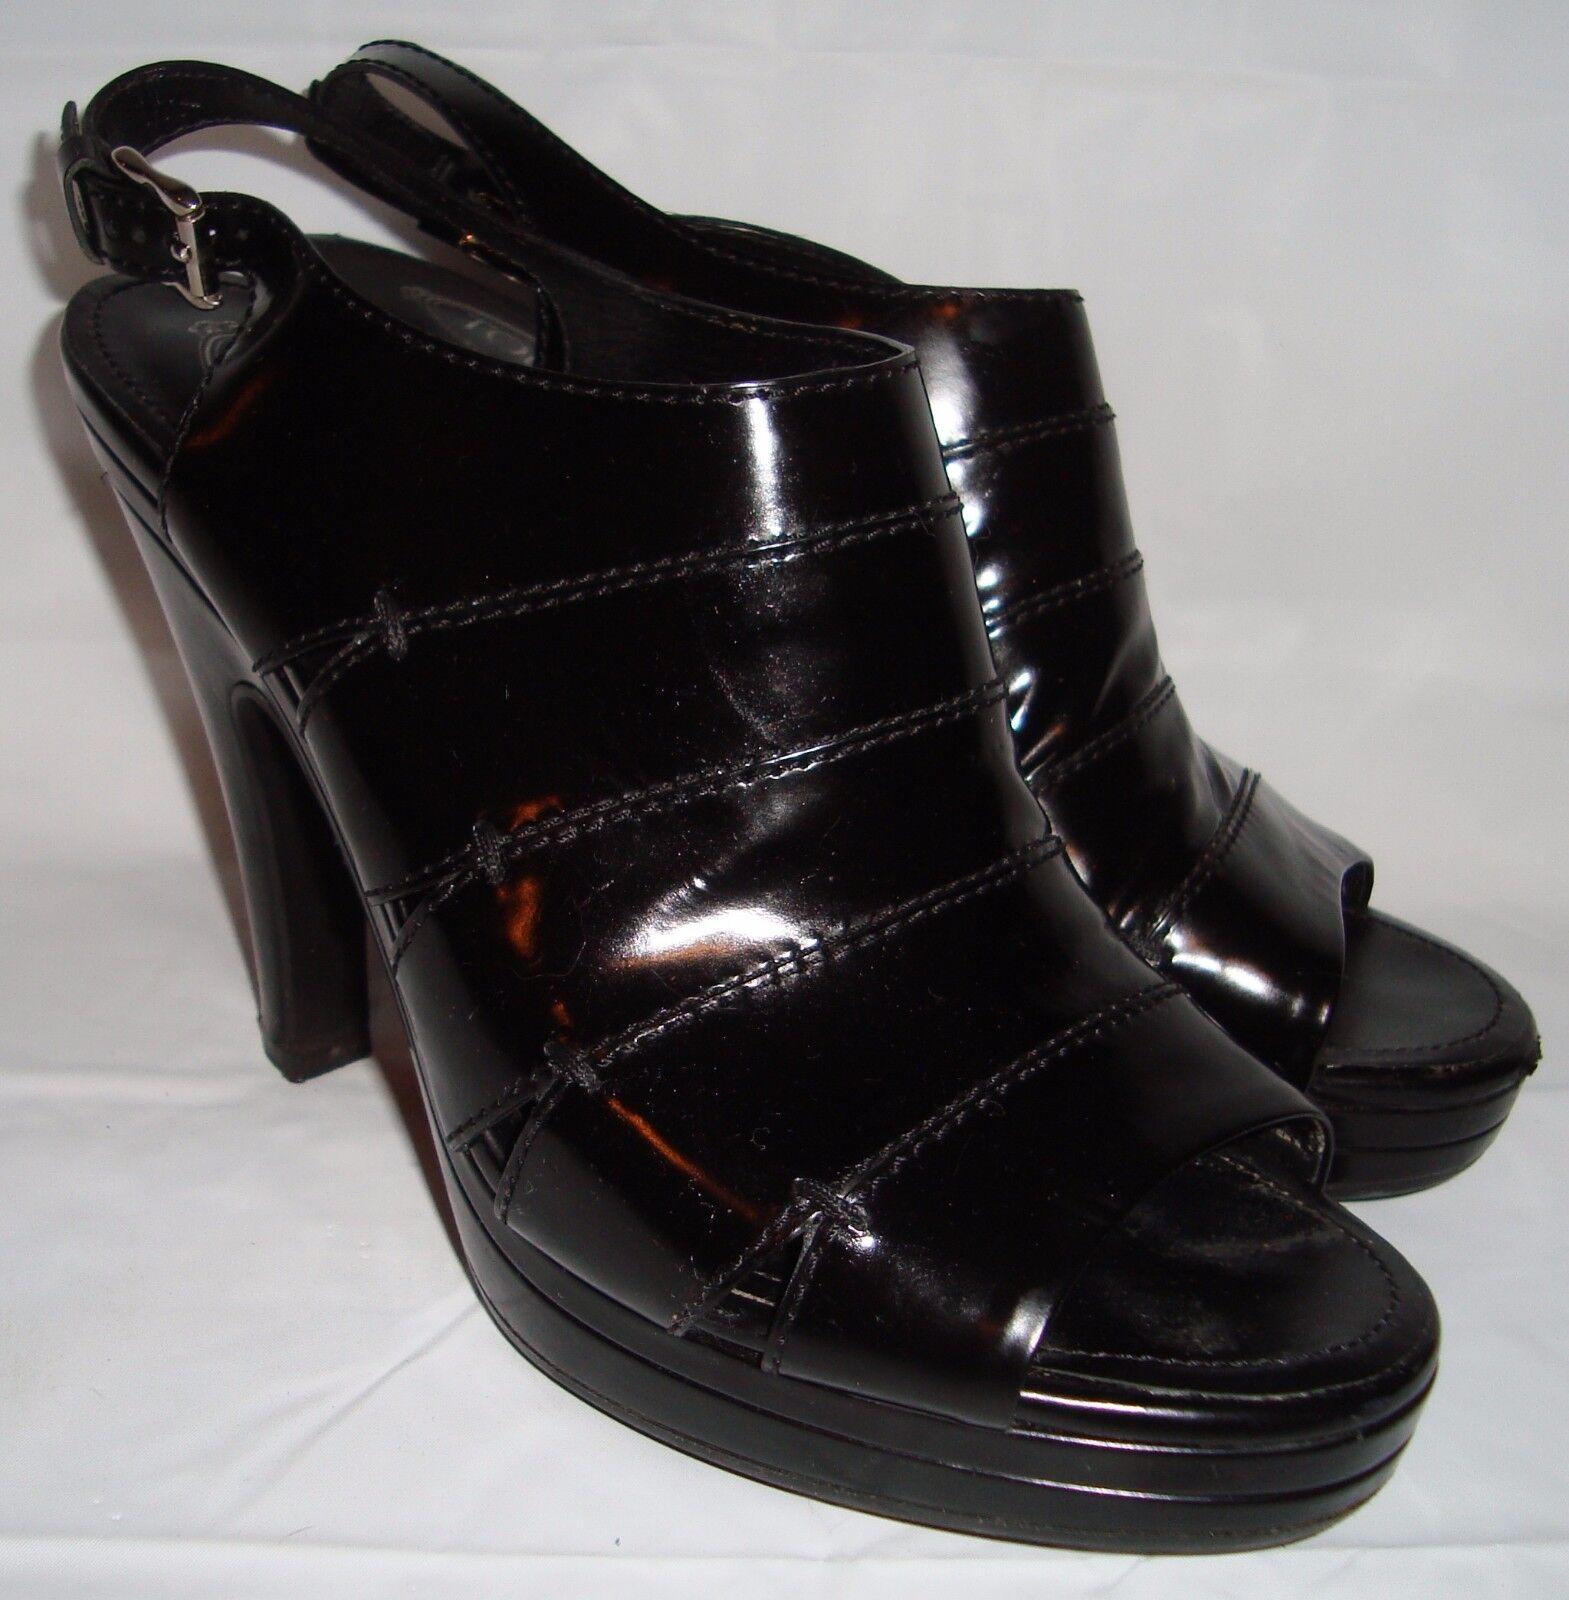 migliore vendita Tods nero Leather Open Open Open Toed Strappy Ankle scarpe 40 9 Slingback Pumps  acquista online oggi